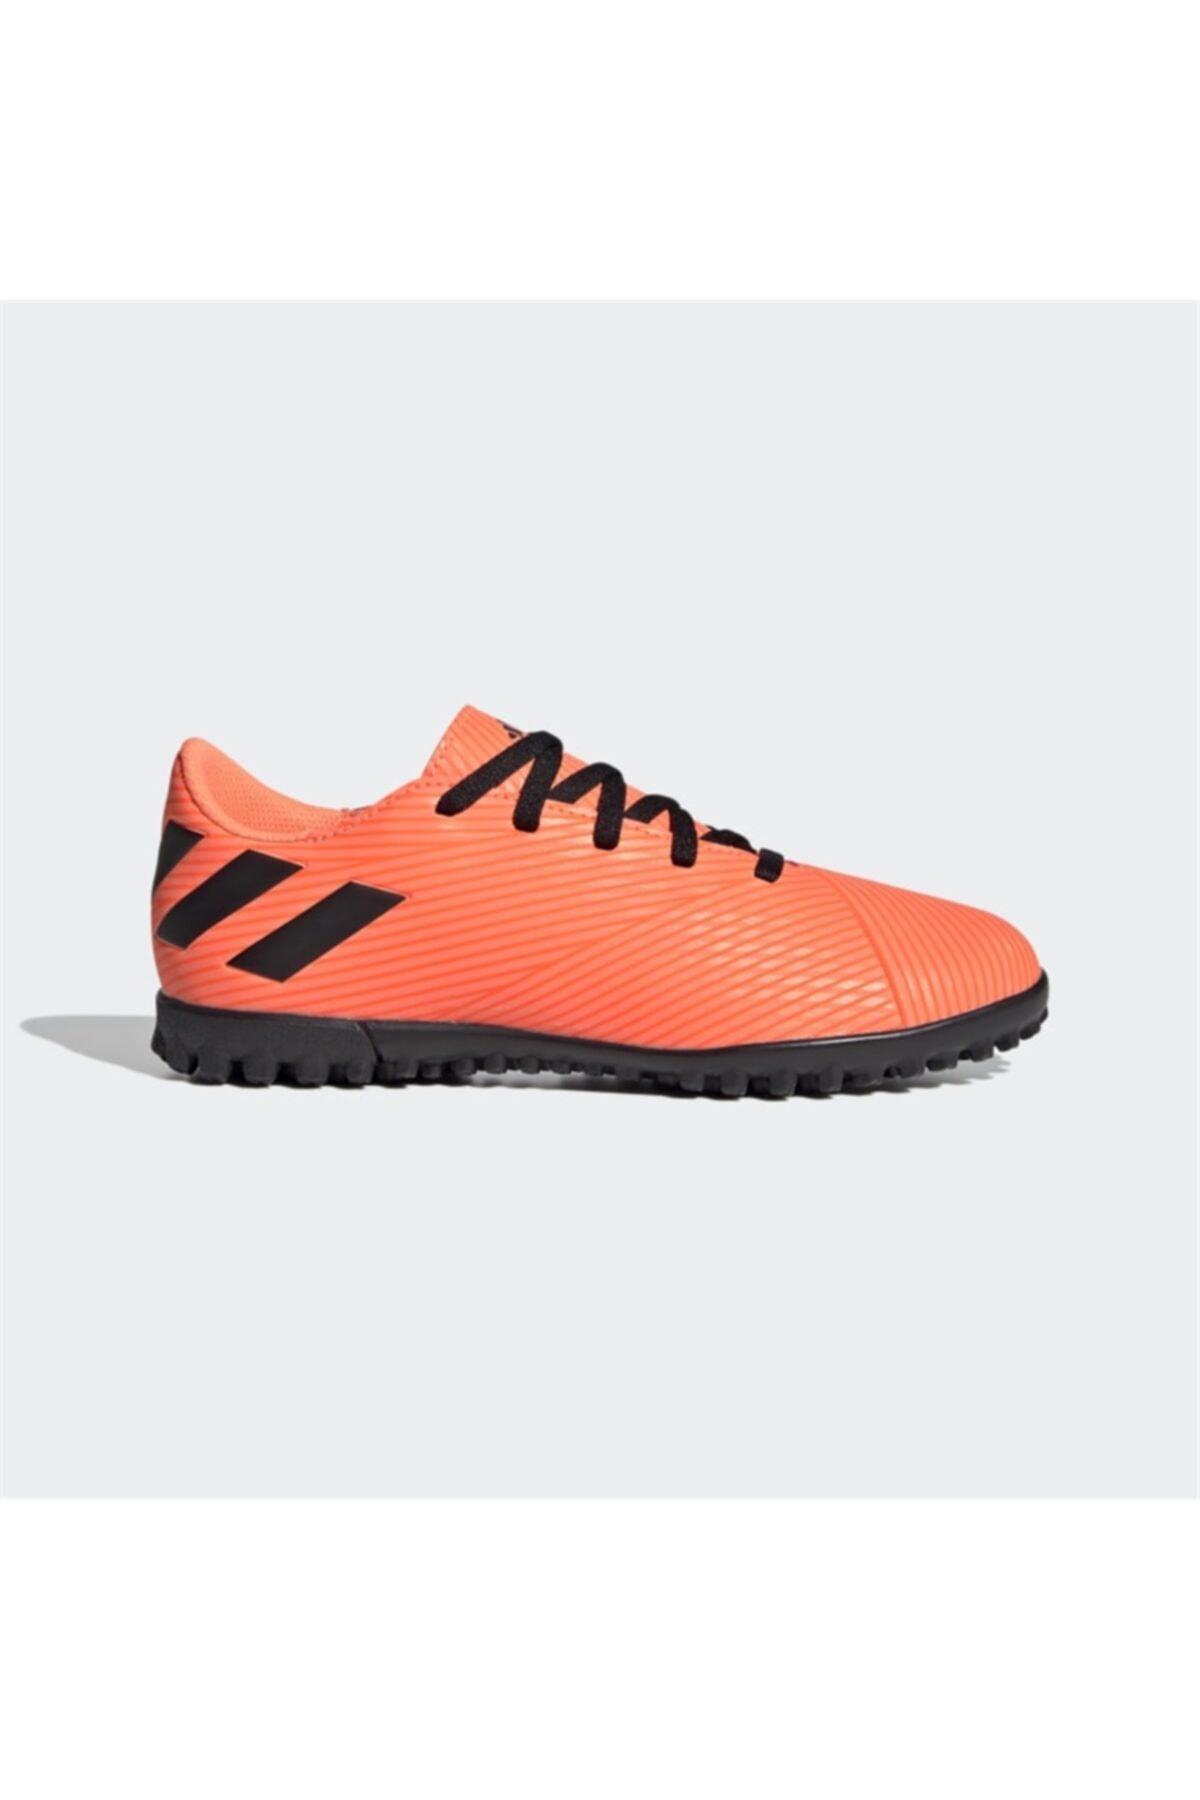 adidas Erkek Çocuk Turuncu Nemezız 19.4 Tf JHalı Saha Ayakkabısı 1